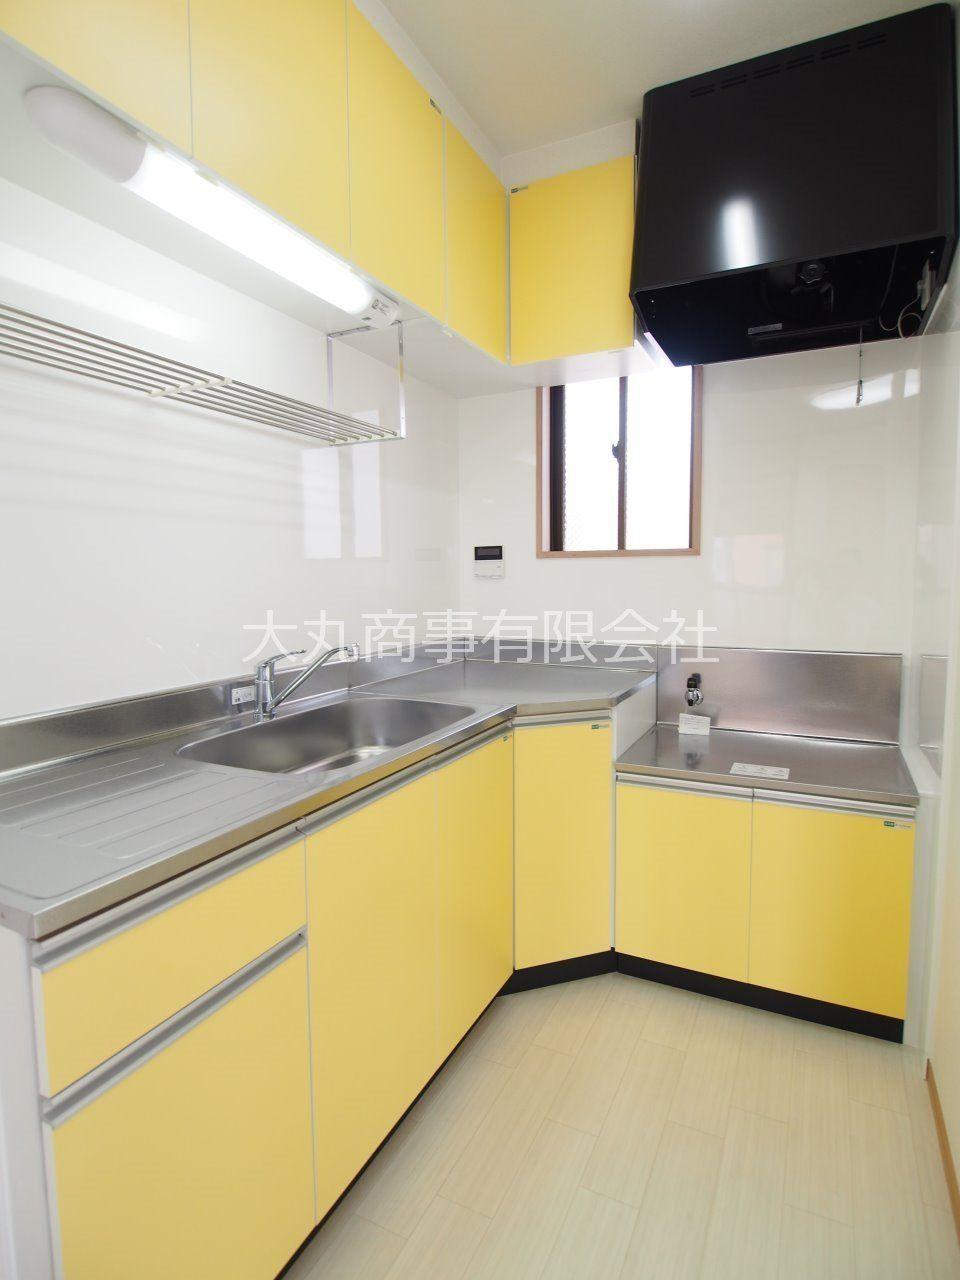 調理の際の動線に配慮したL字型キッチン